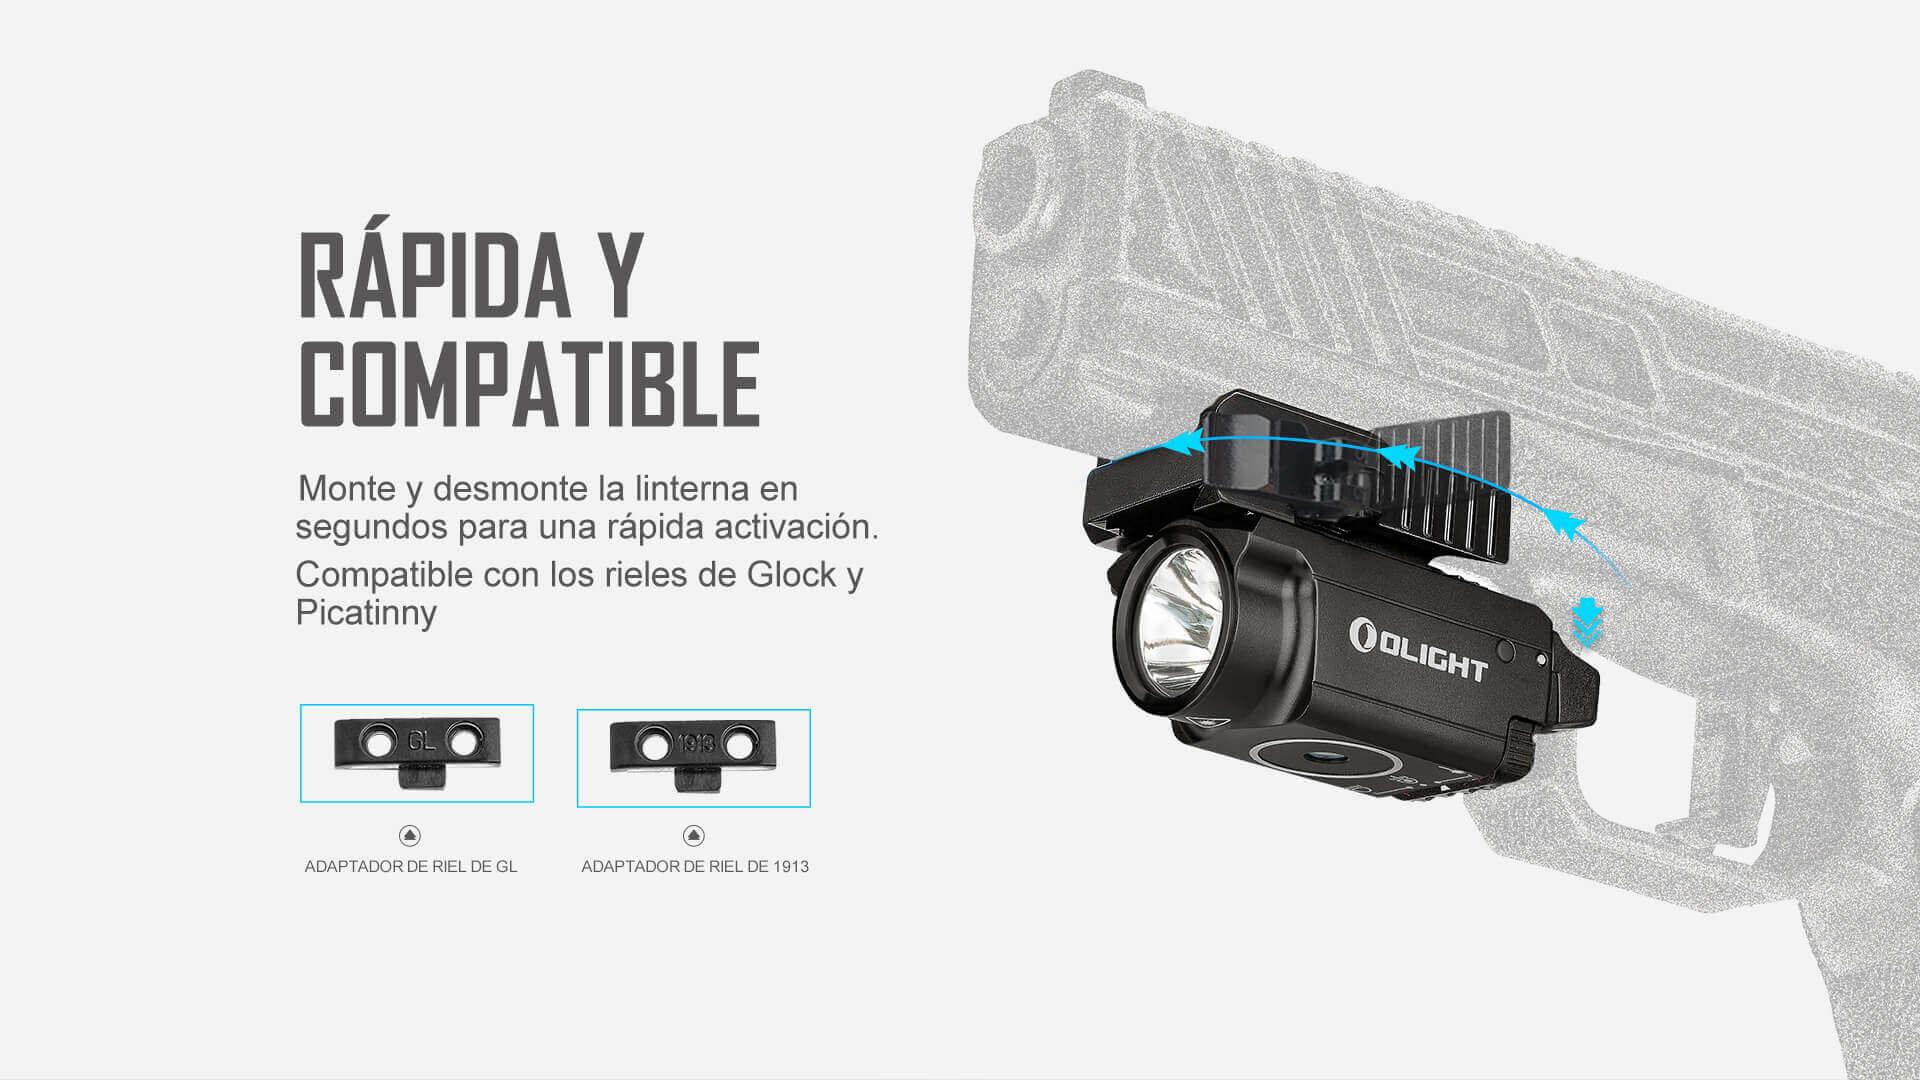 La Olight Baldr RL Mini es linterna para armas que es compatible con los rieles de Glock y Picatinny